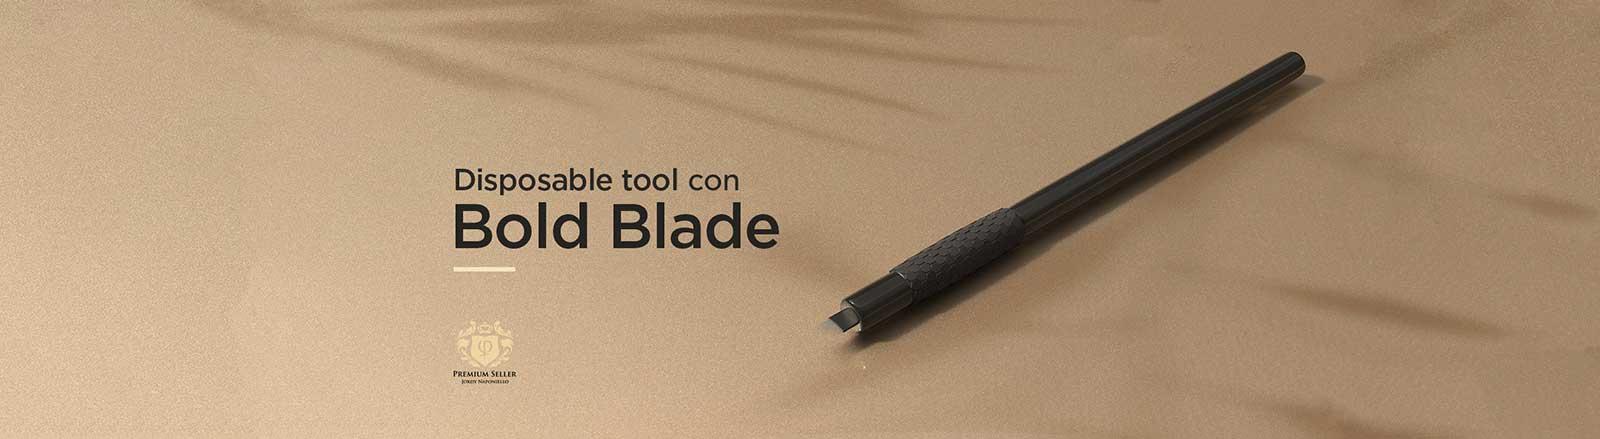 banner-bold-blade